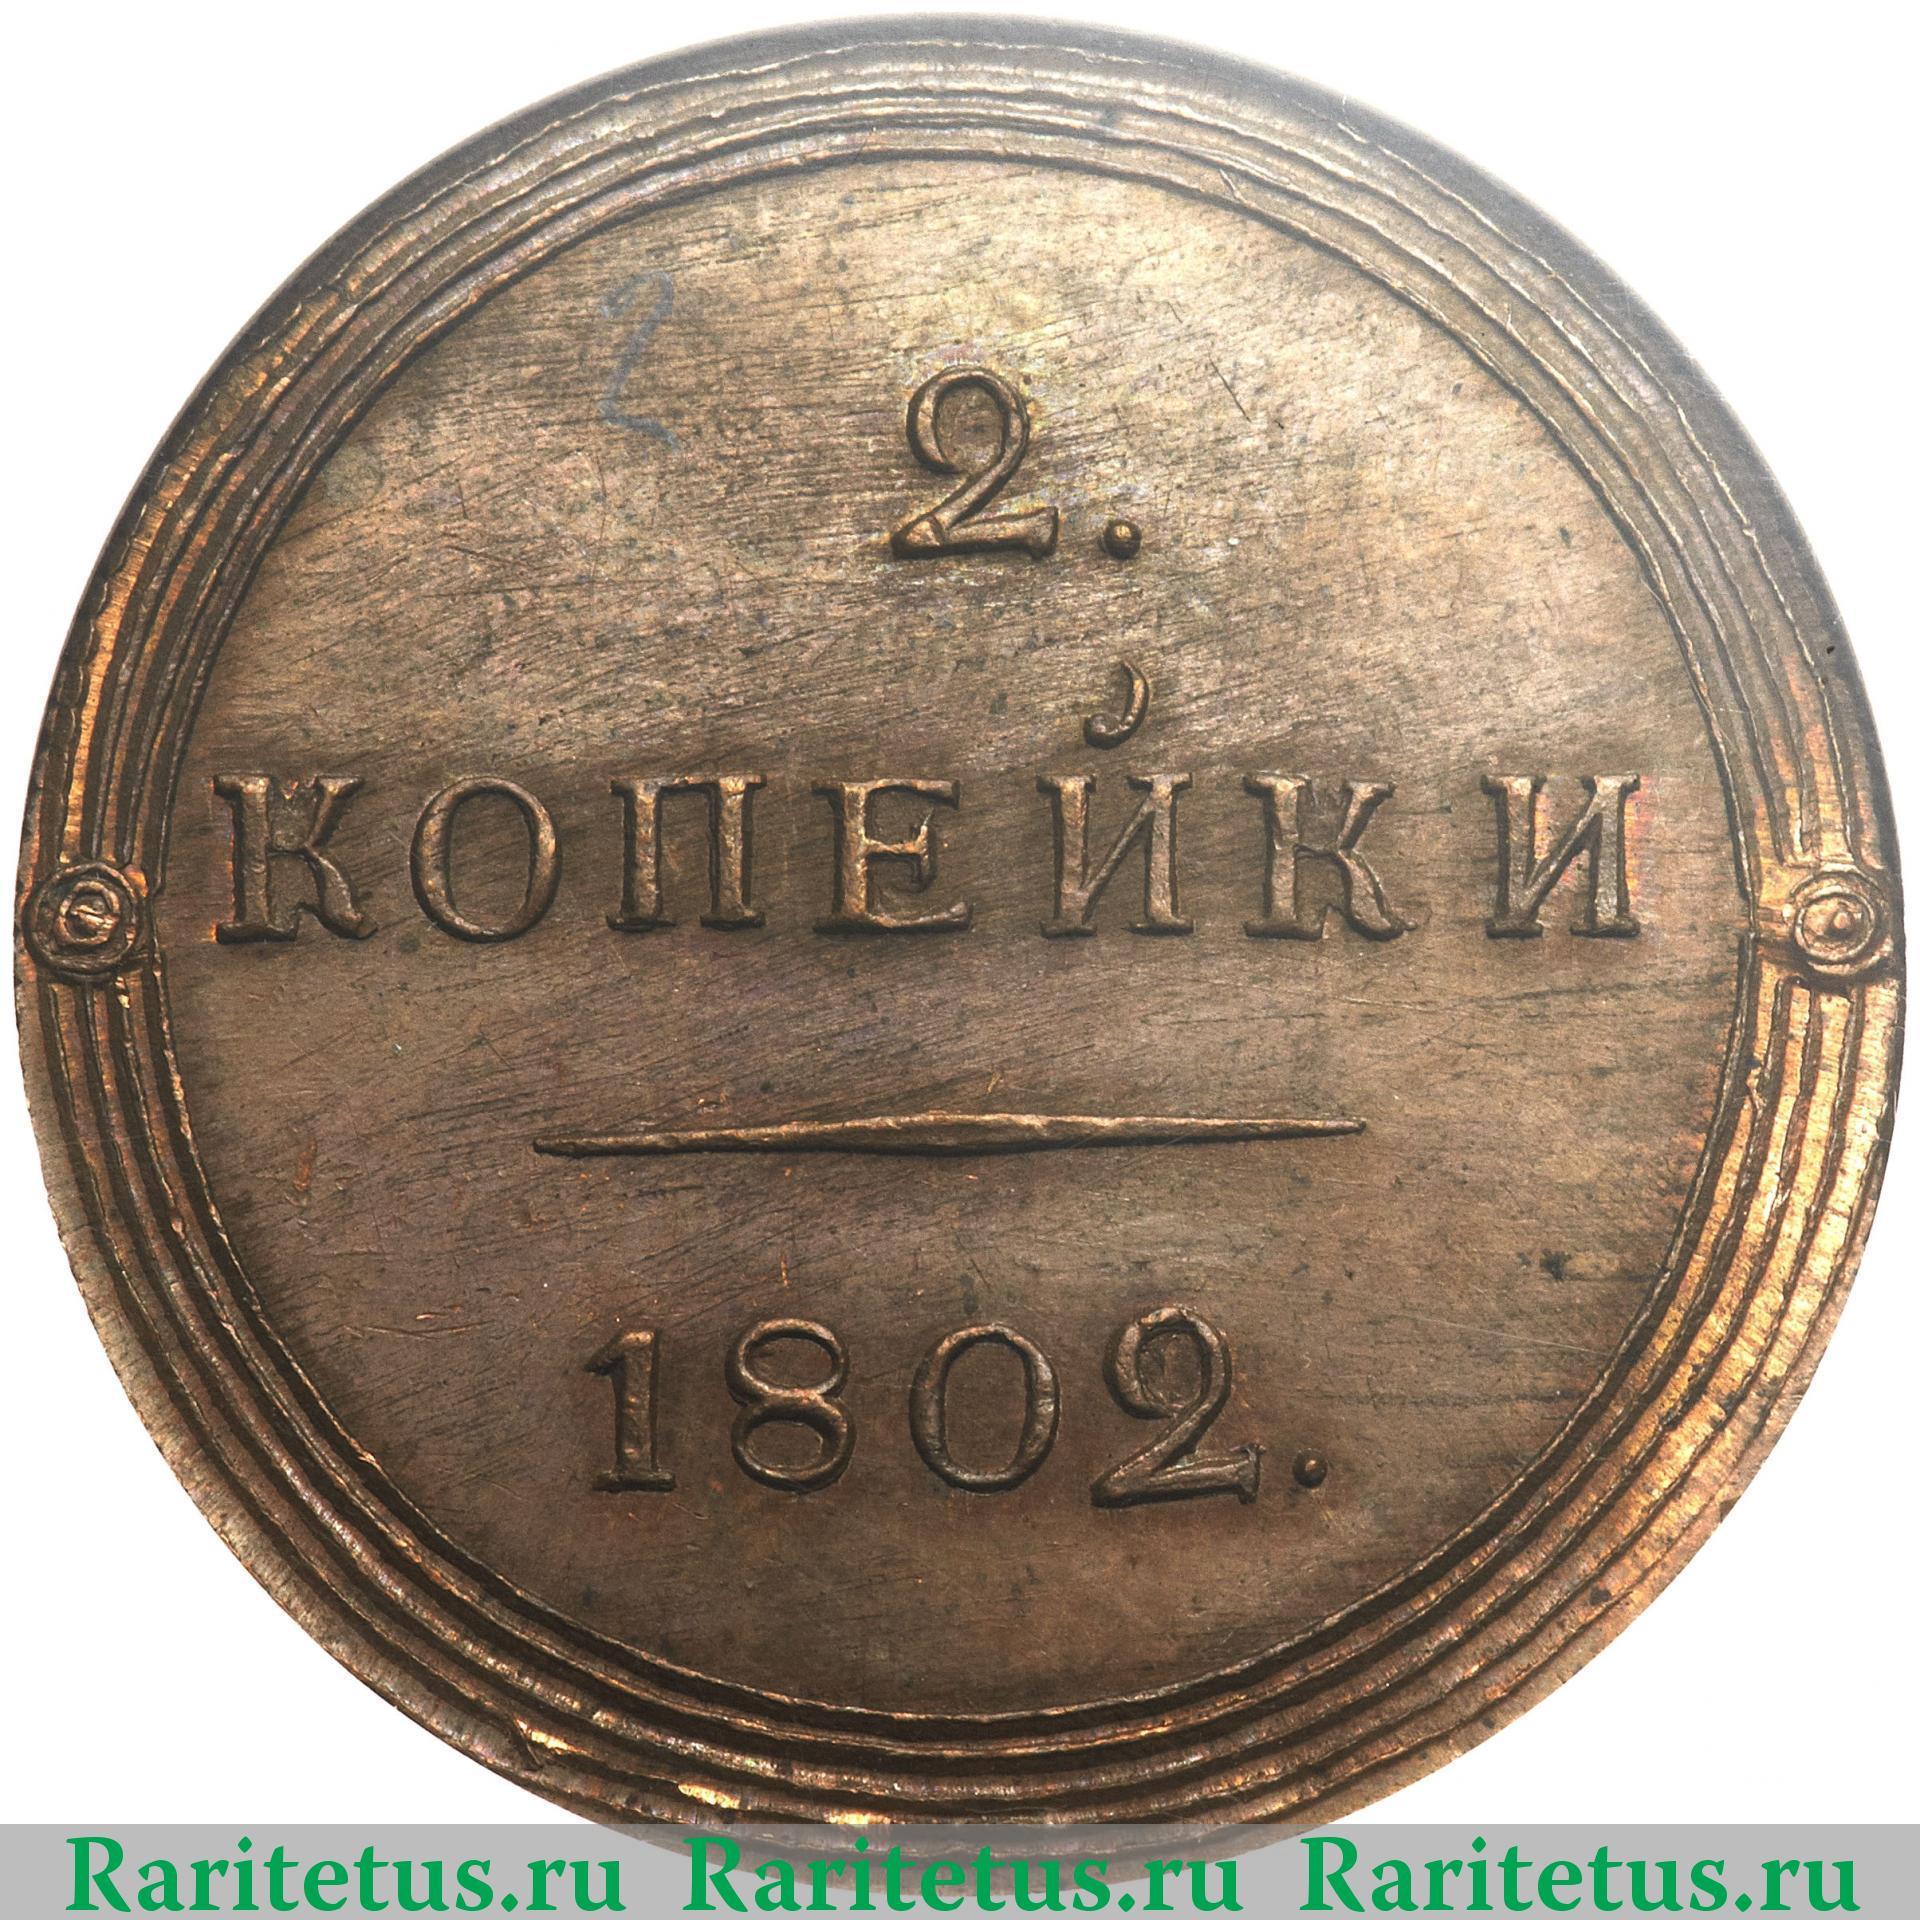 Купить монету две копейки кольцевик 1802 сколько будет 50 евроцентов в рублях